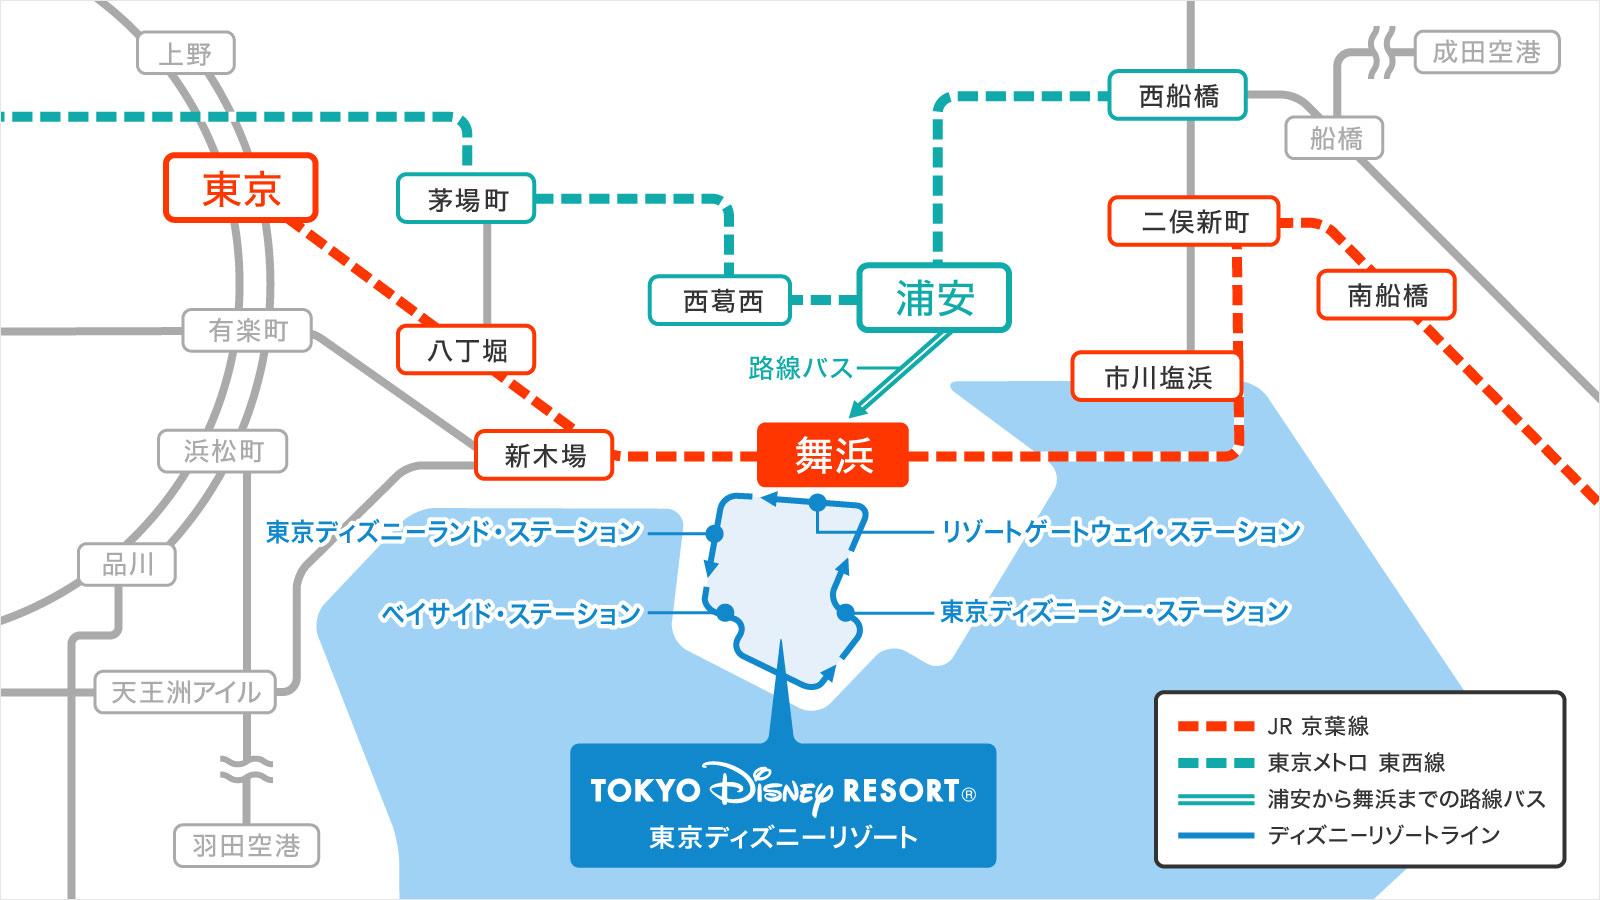 公式】交通アクセス | 東京ディズニーリゾート